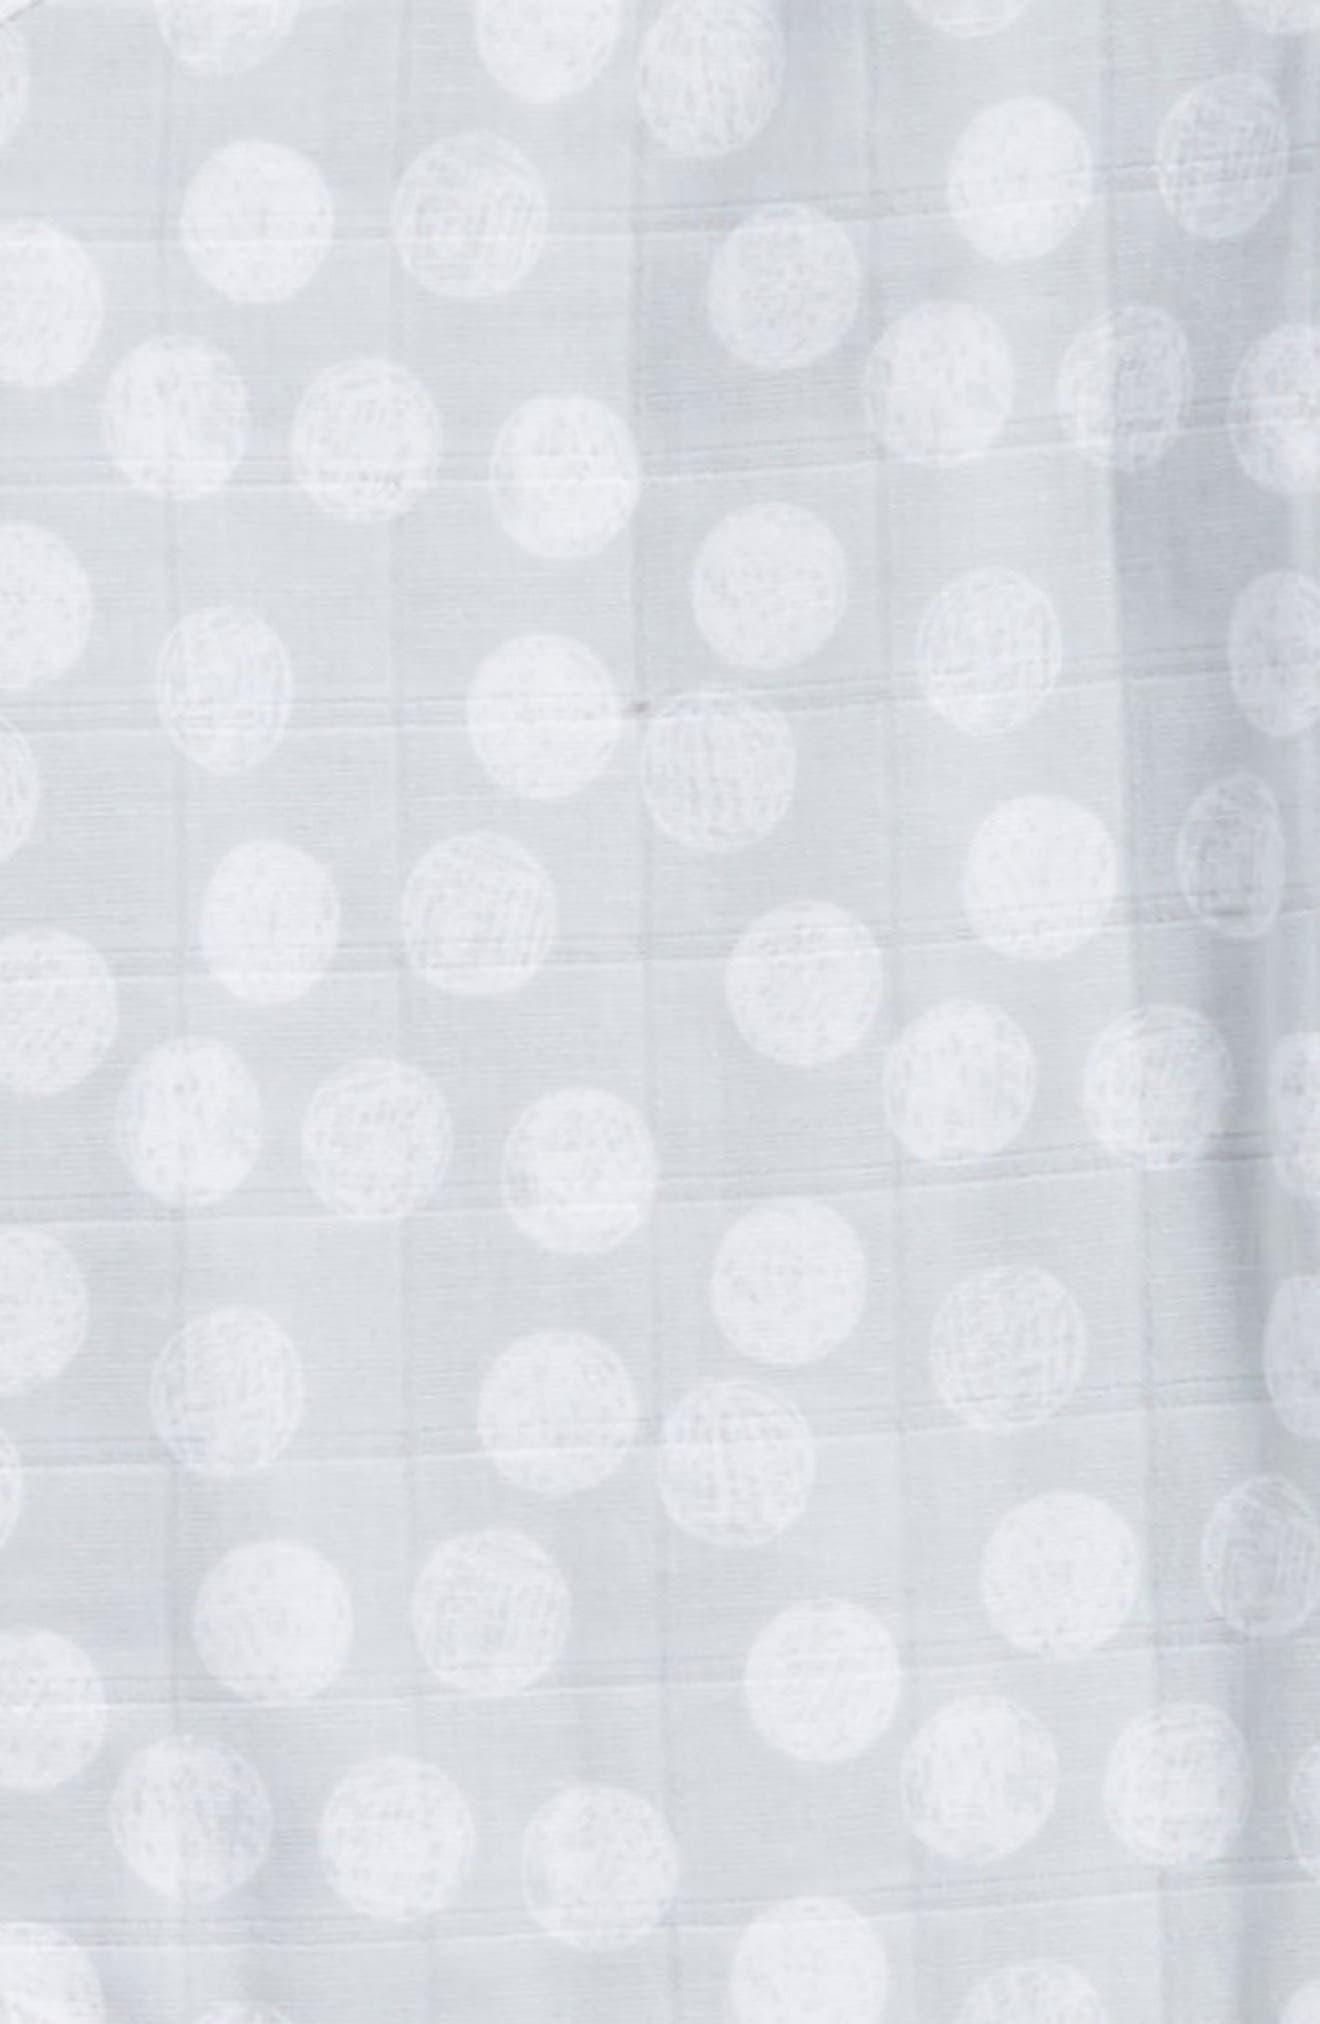 Kimono One-Piece,                             Alternate thumbnail 2, color,                             020